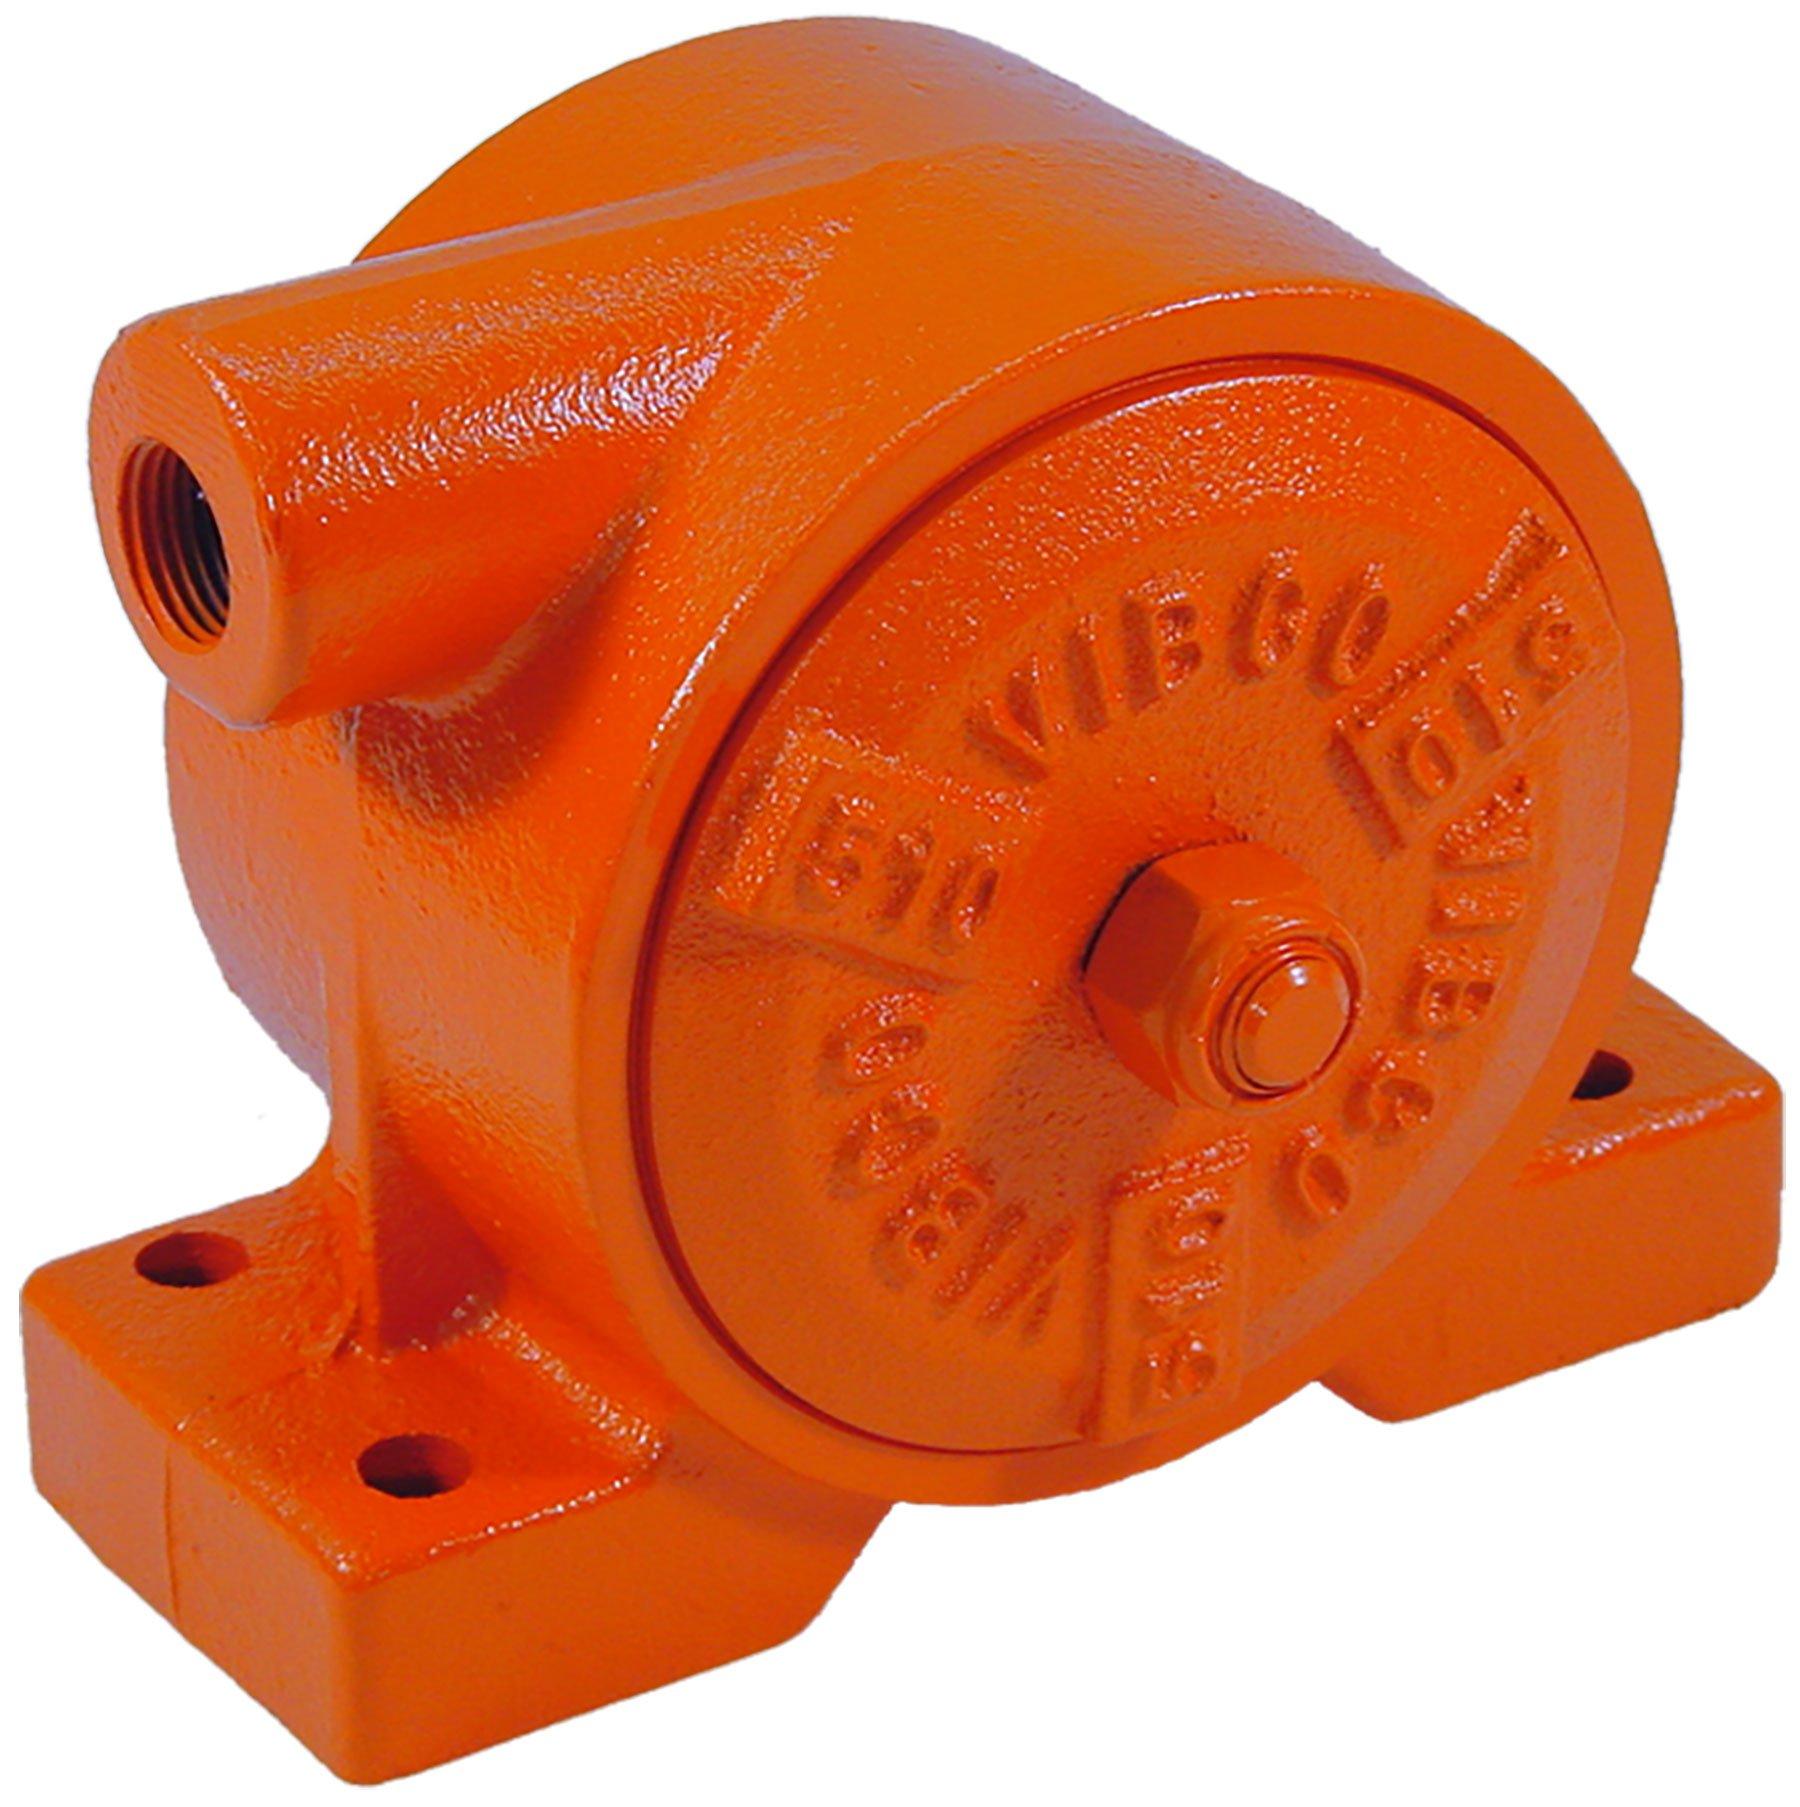 VIBCO VS-510 Silent Pneumatic Turbine Vibrator, 900 lb. Force, 4500 VPM, 21 CFM, 80 psi, 5 1/2'' Bolt Pattern